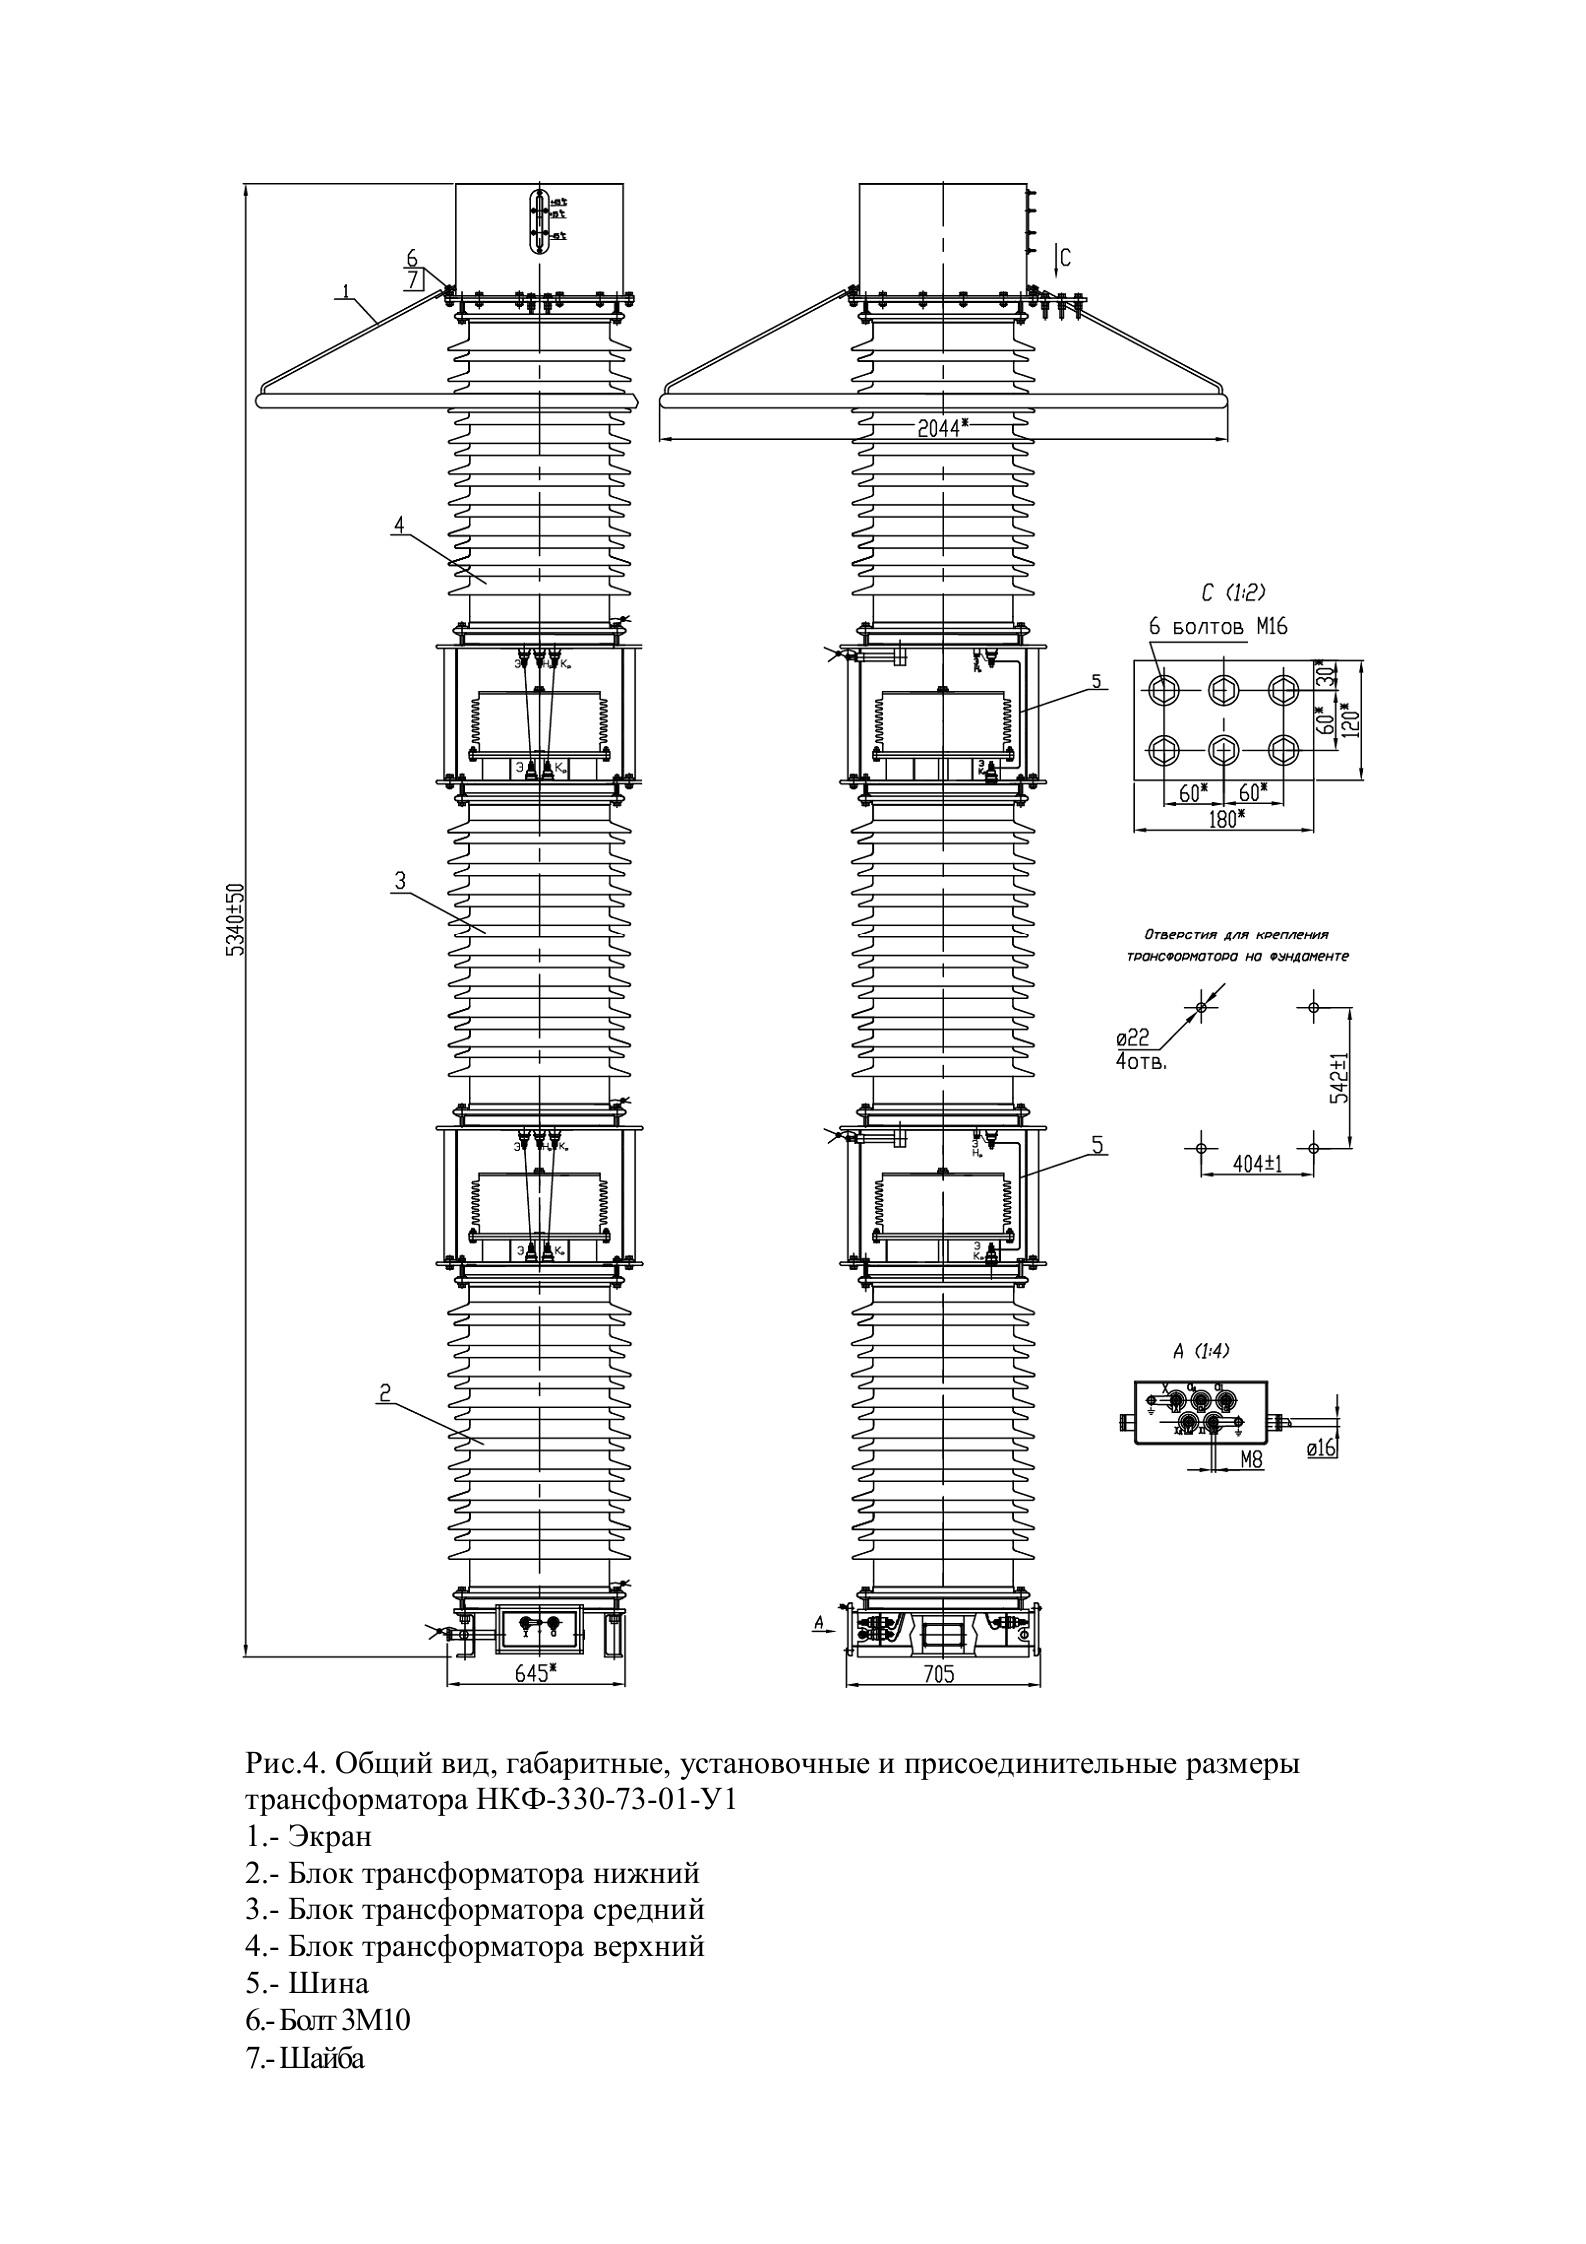 Каскадный однофазный масляный трансформатор тип НКФ